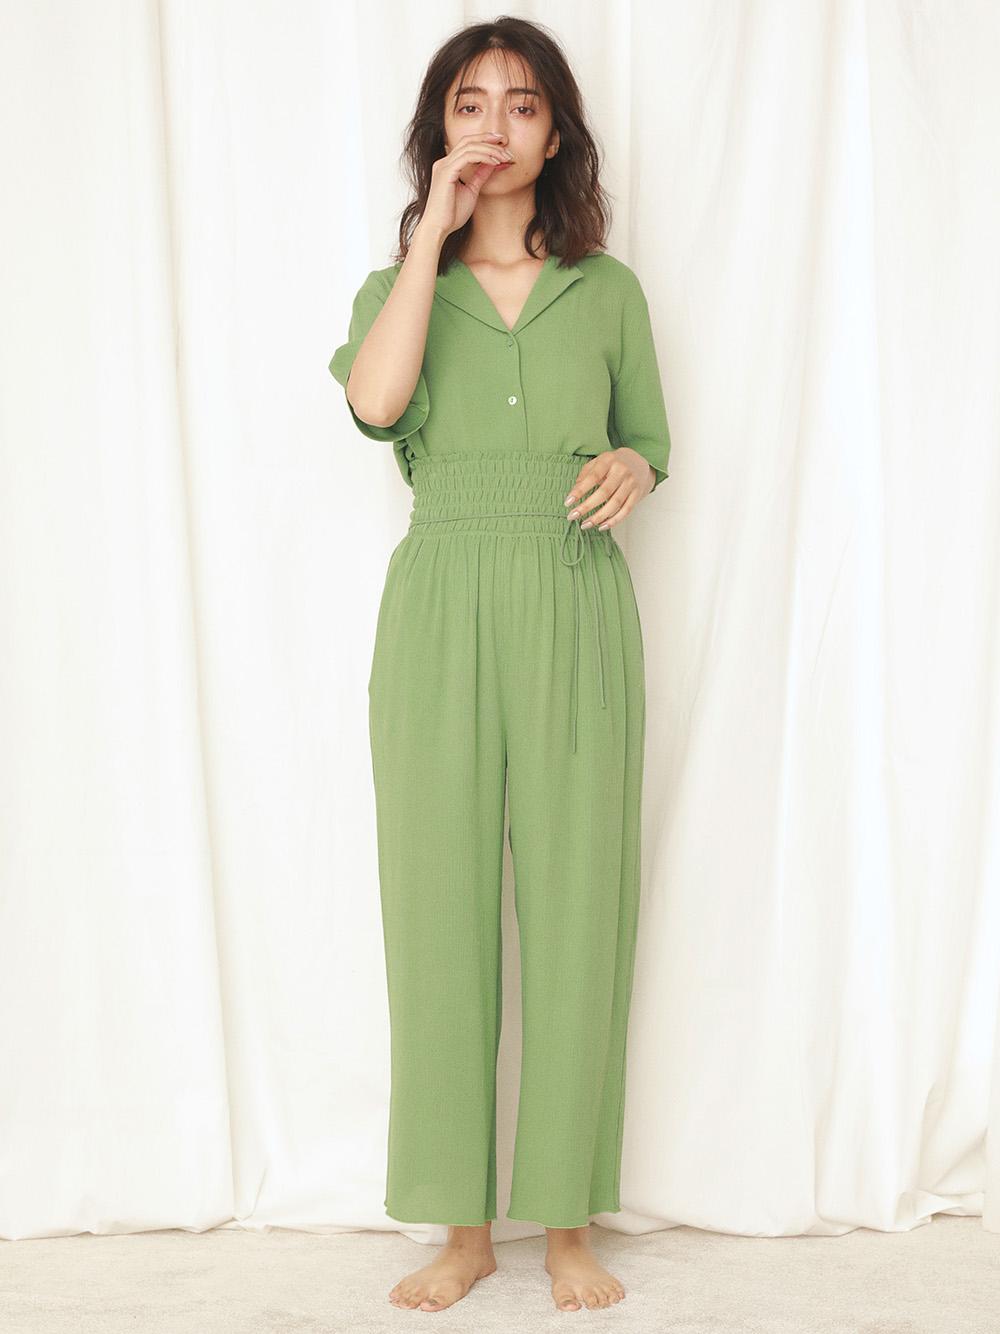 嫘縈楊柳紗襯衫